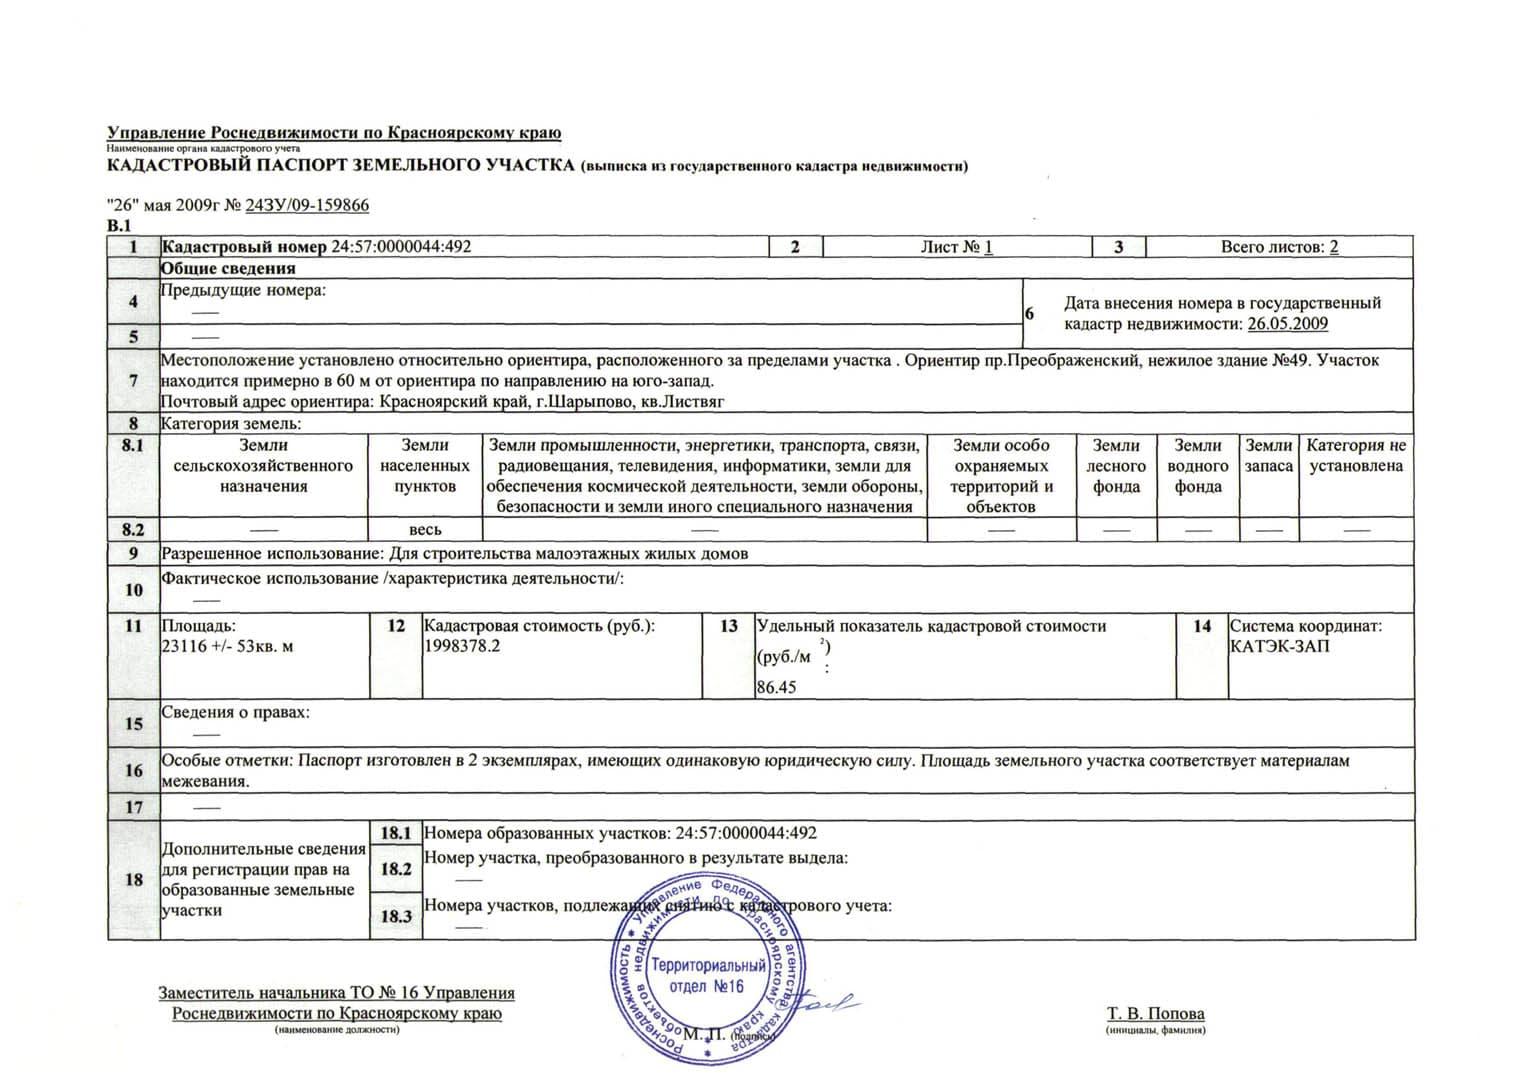 документы кадастрового учета земельных участков